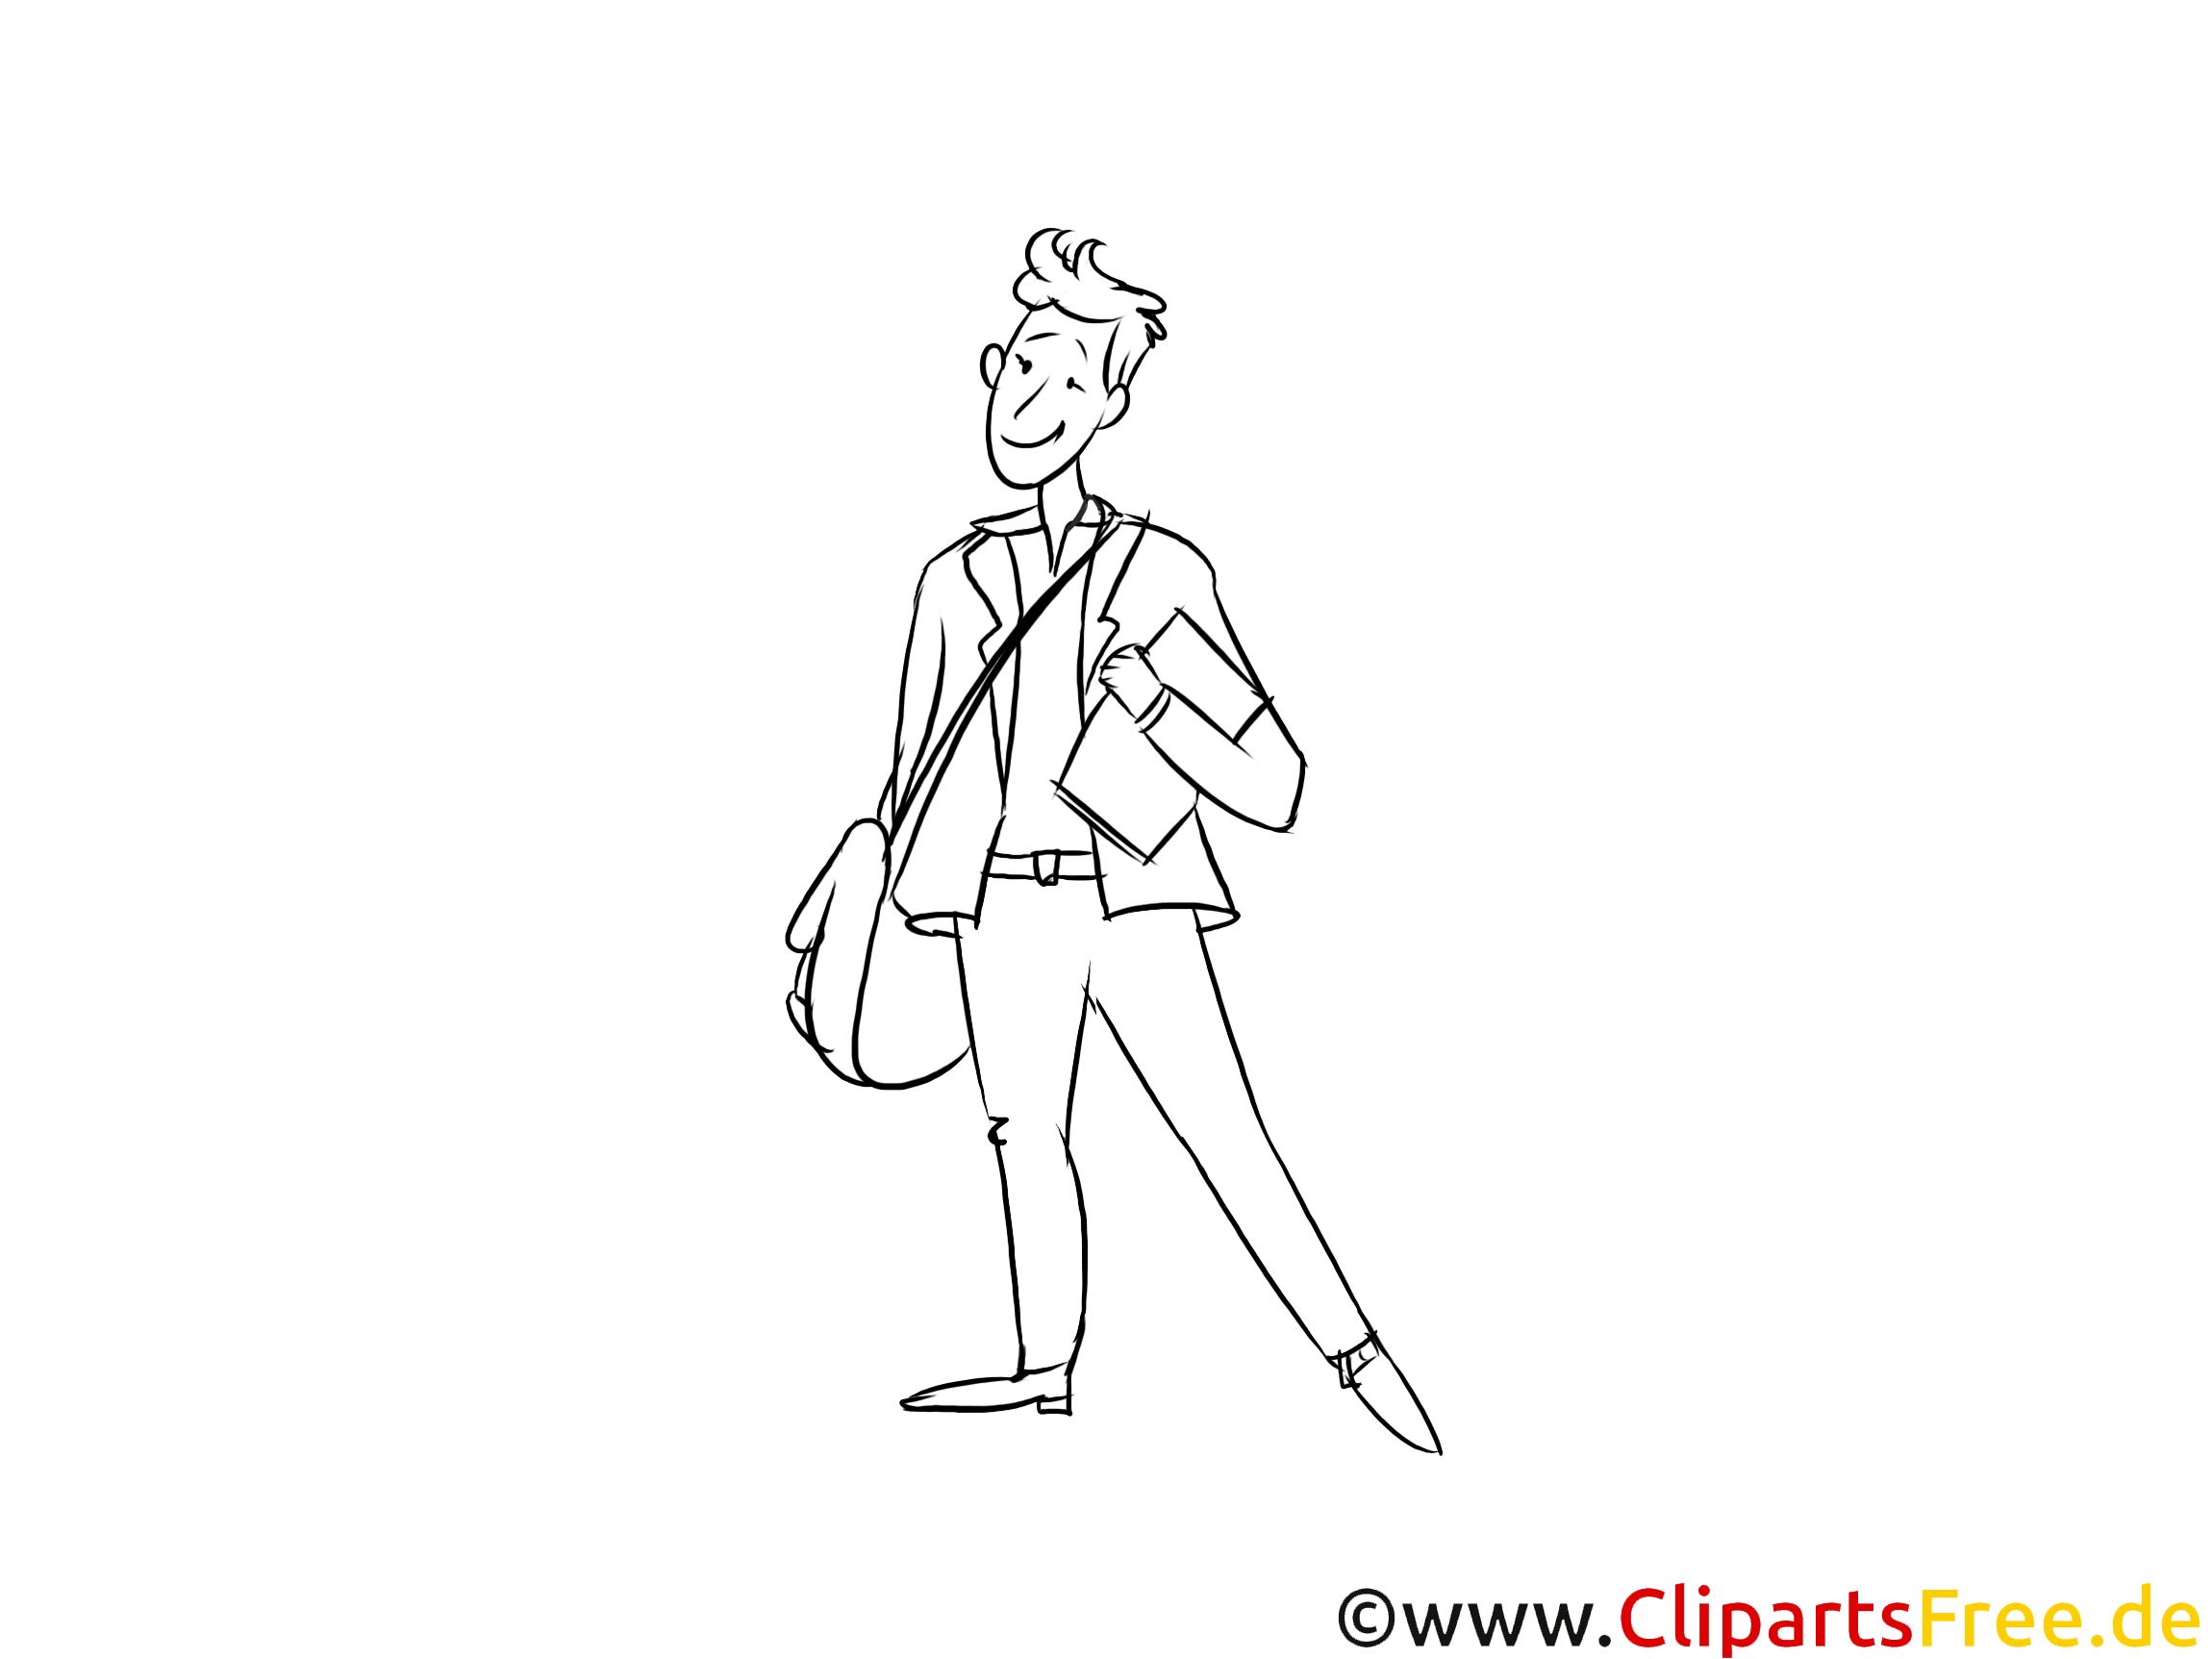 Industriekauffrau -mann Grafik, Bild, Clipart zum Drucken schwarzweiß